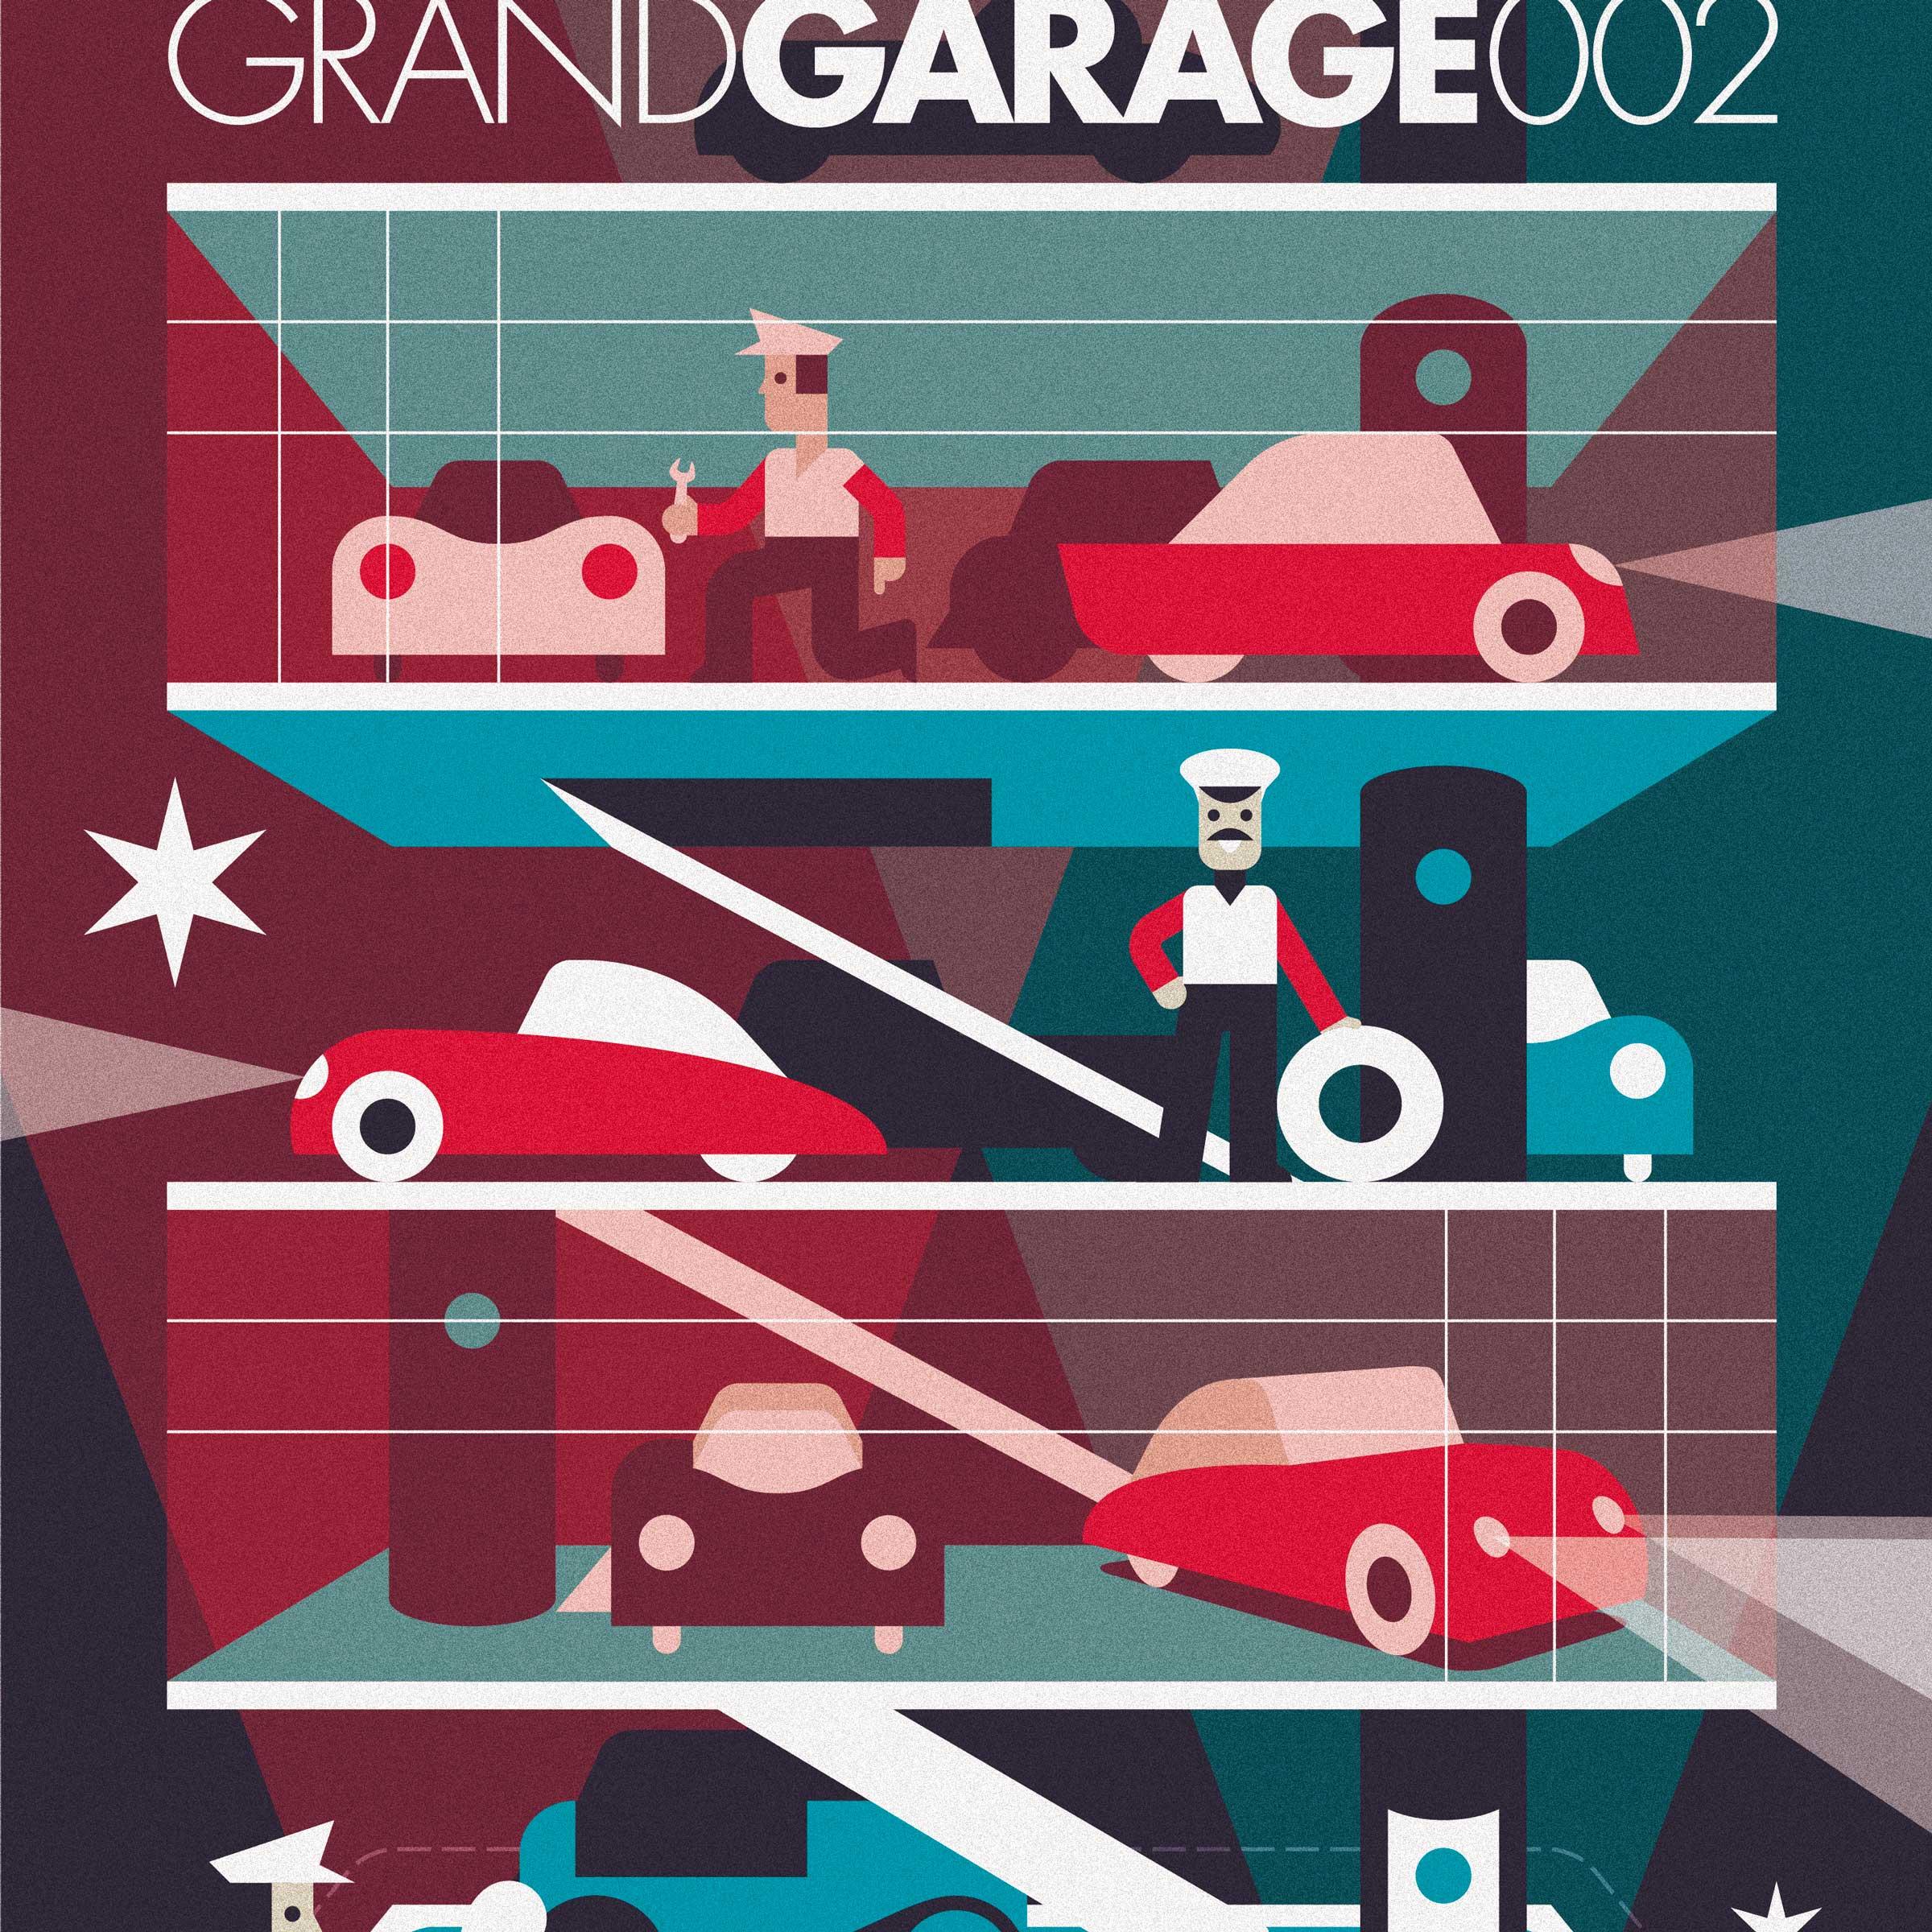 Le Garage de l'Hôtel 002